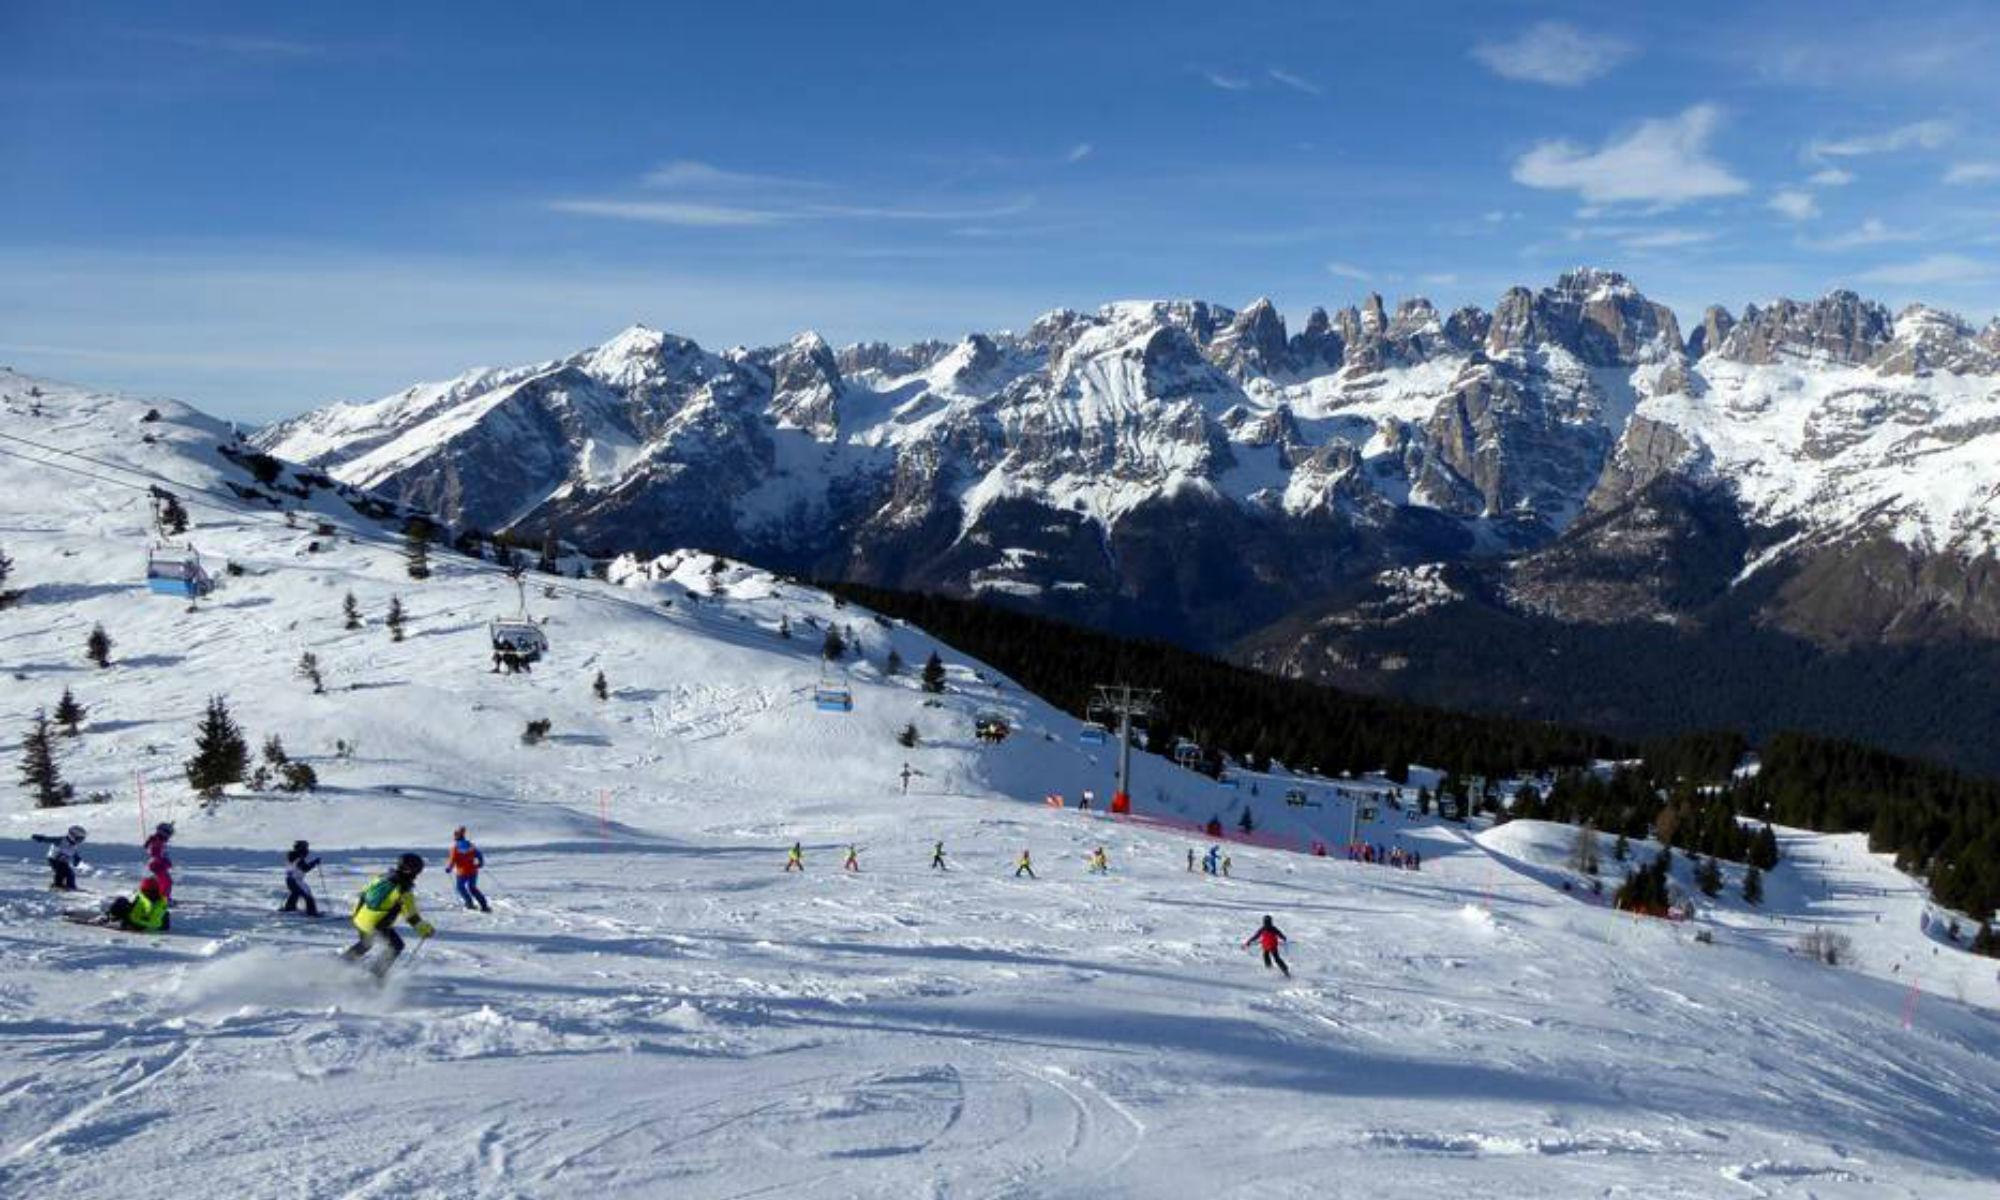 Vista dalla Cima Paganella con numerosi sciatori che scivolano lungo il pendio innevato.